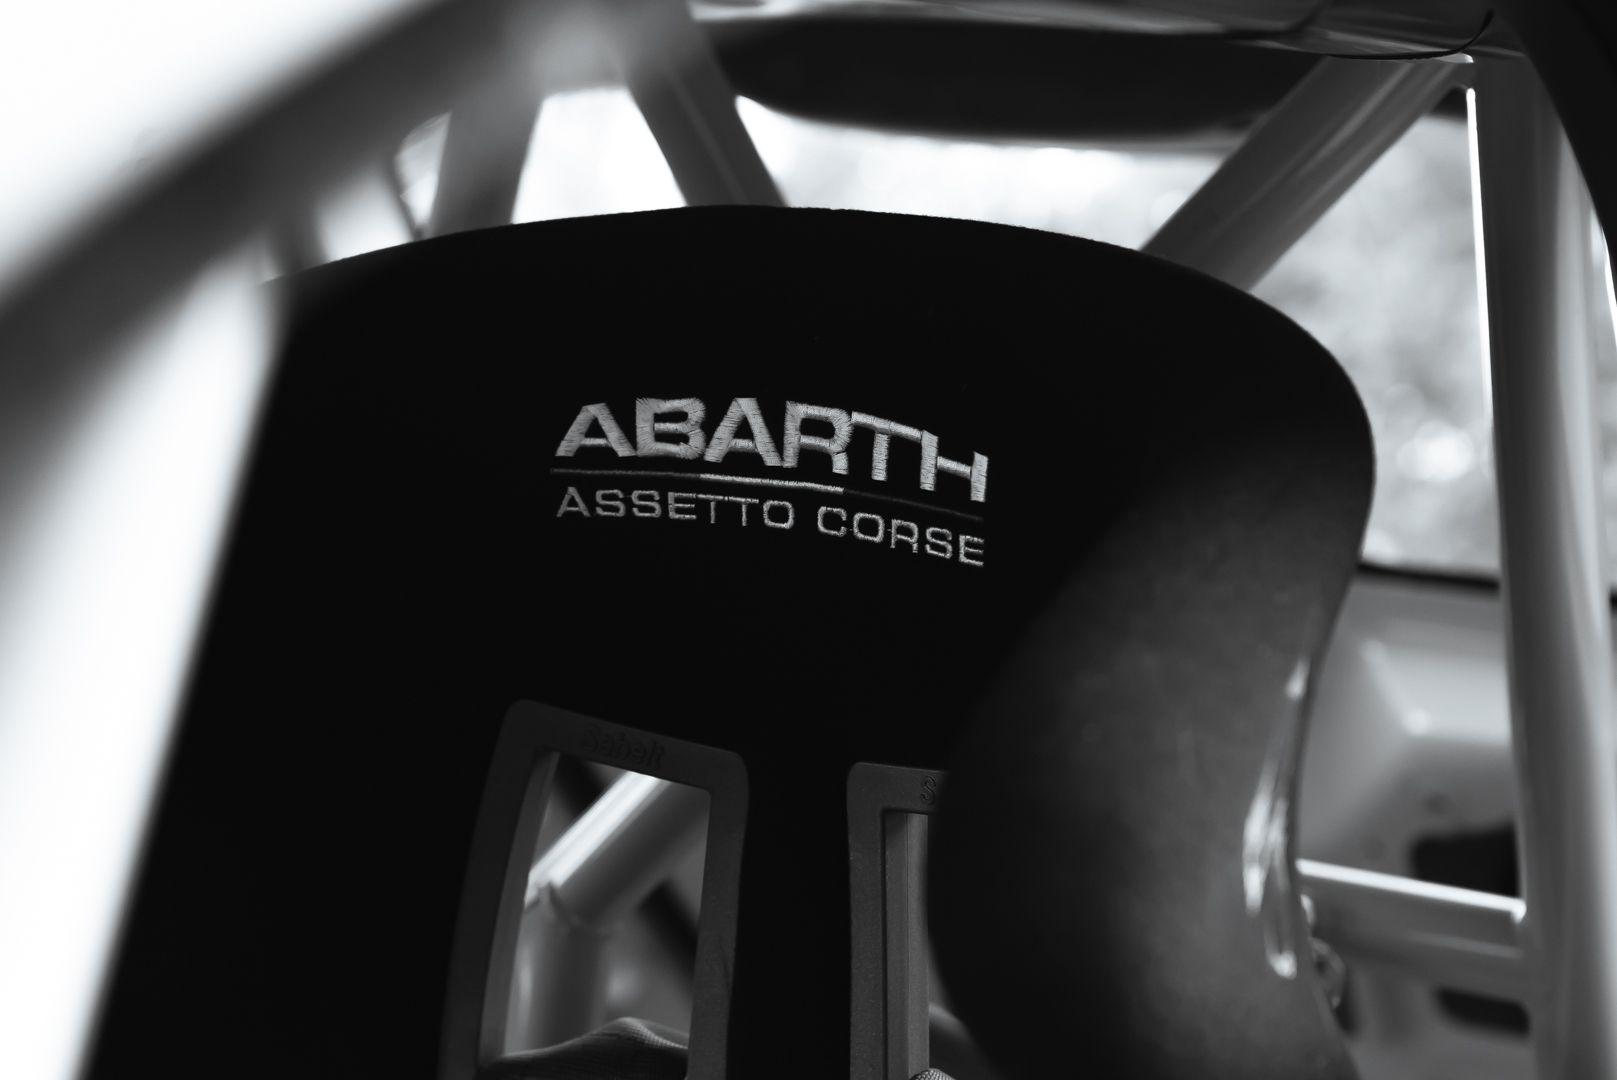 2008 Fiat 500 Abarth Assetto Corse 49/49 79334